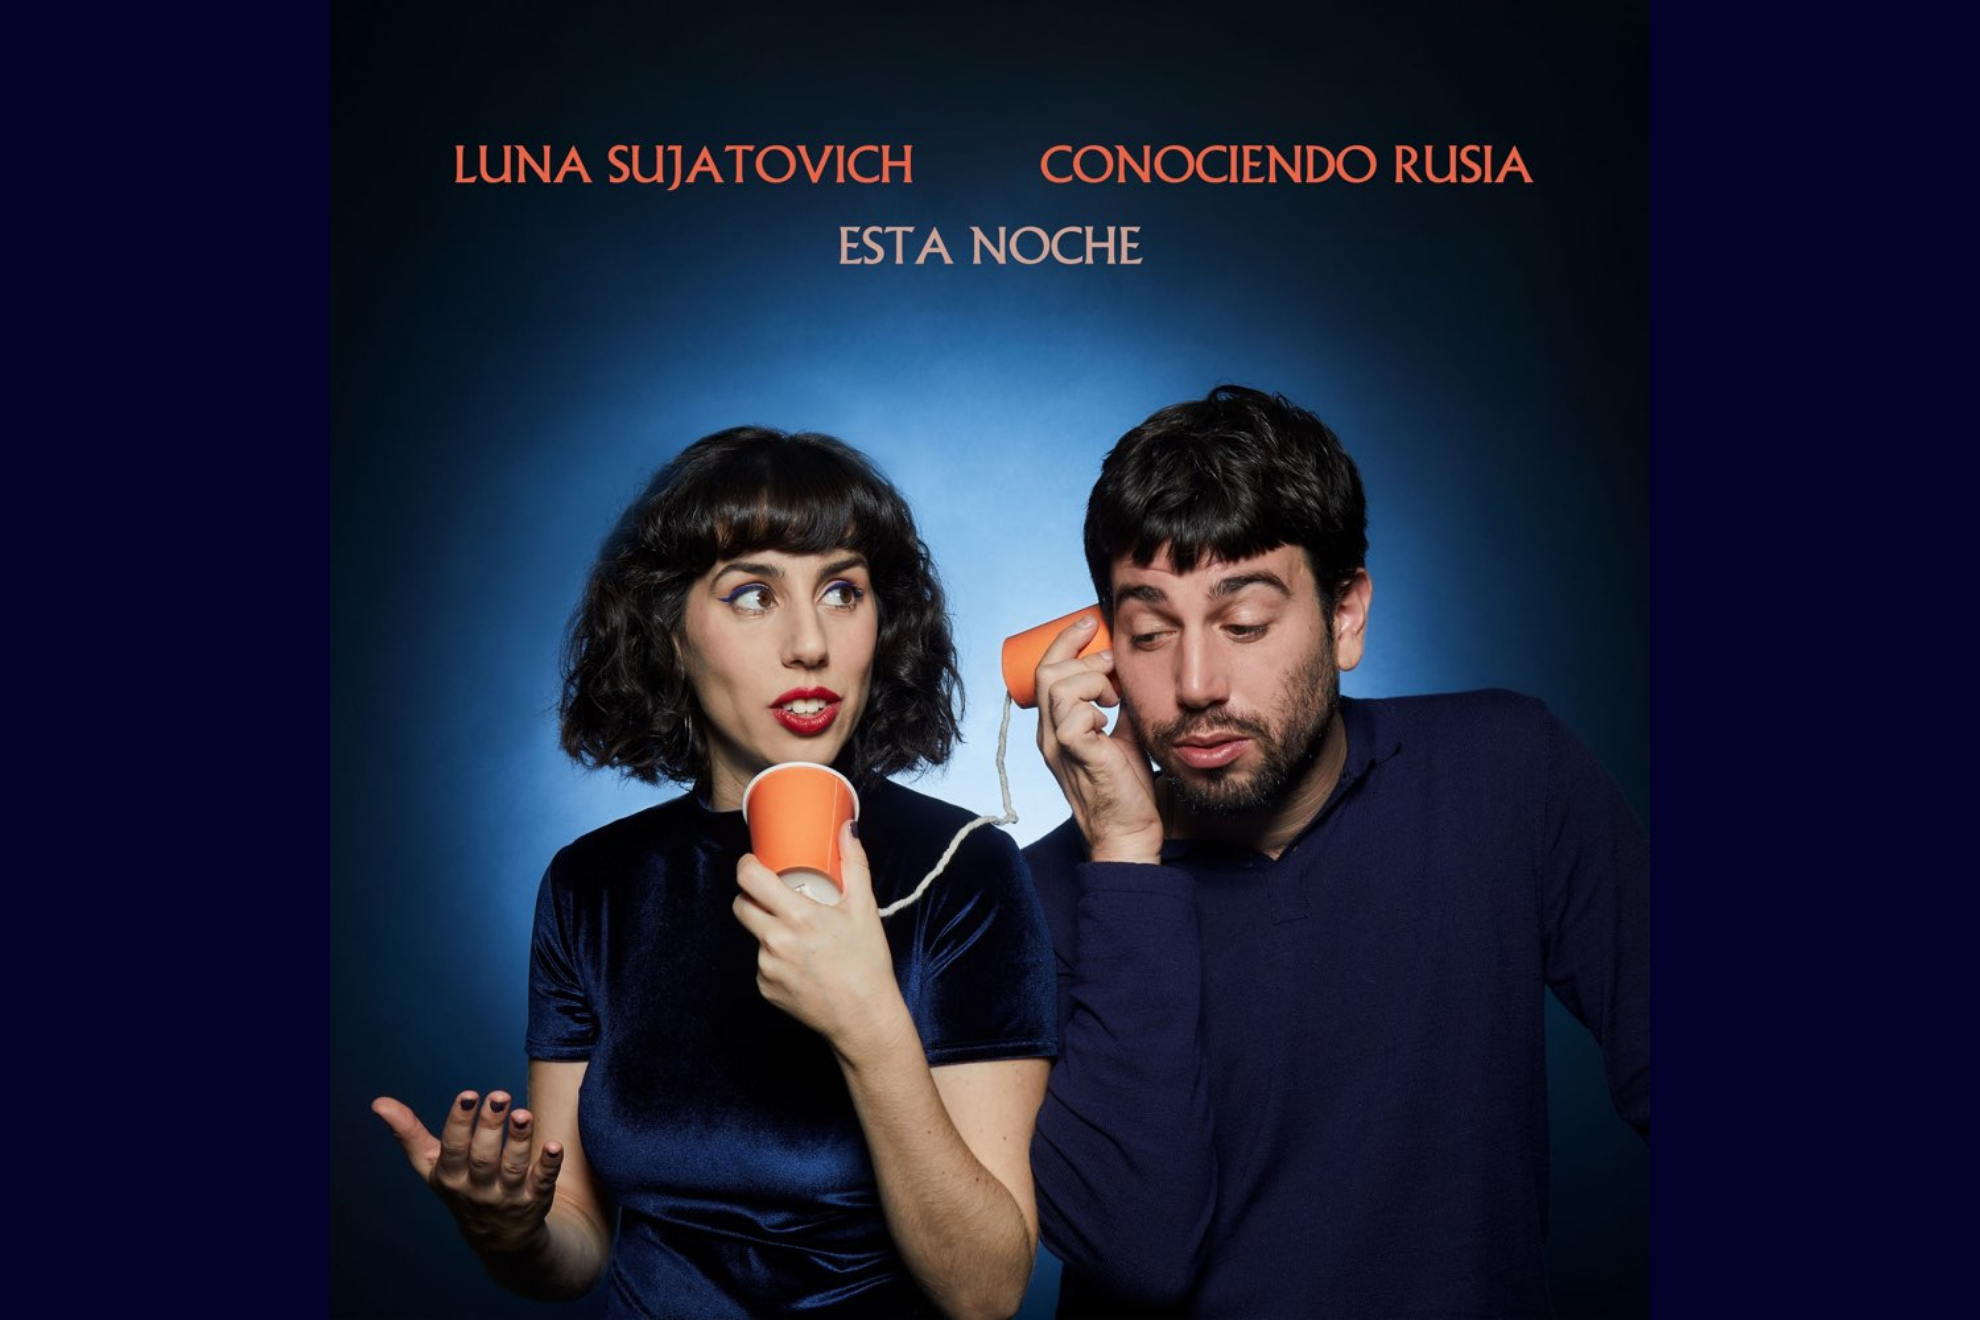 """Luna Sujatovich nos presenta """"Esta noche"""", una colaboración con Conociendo Rusia"""